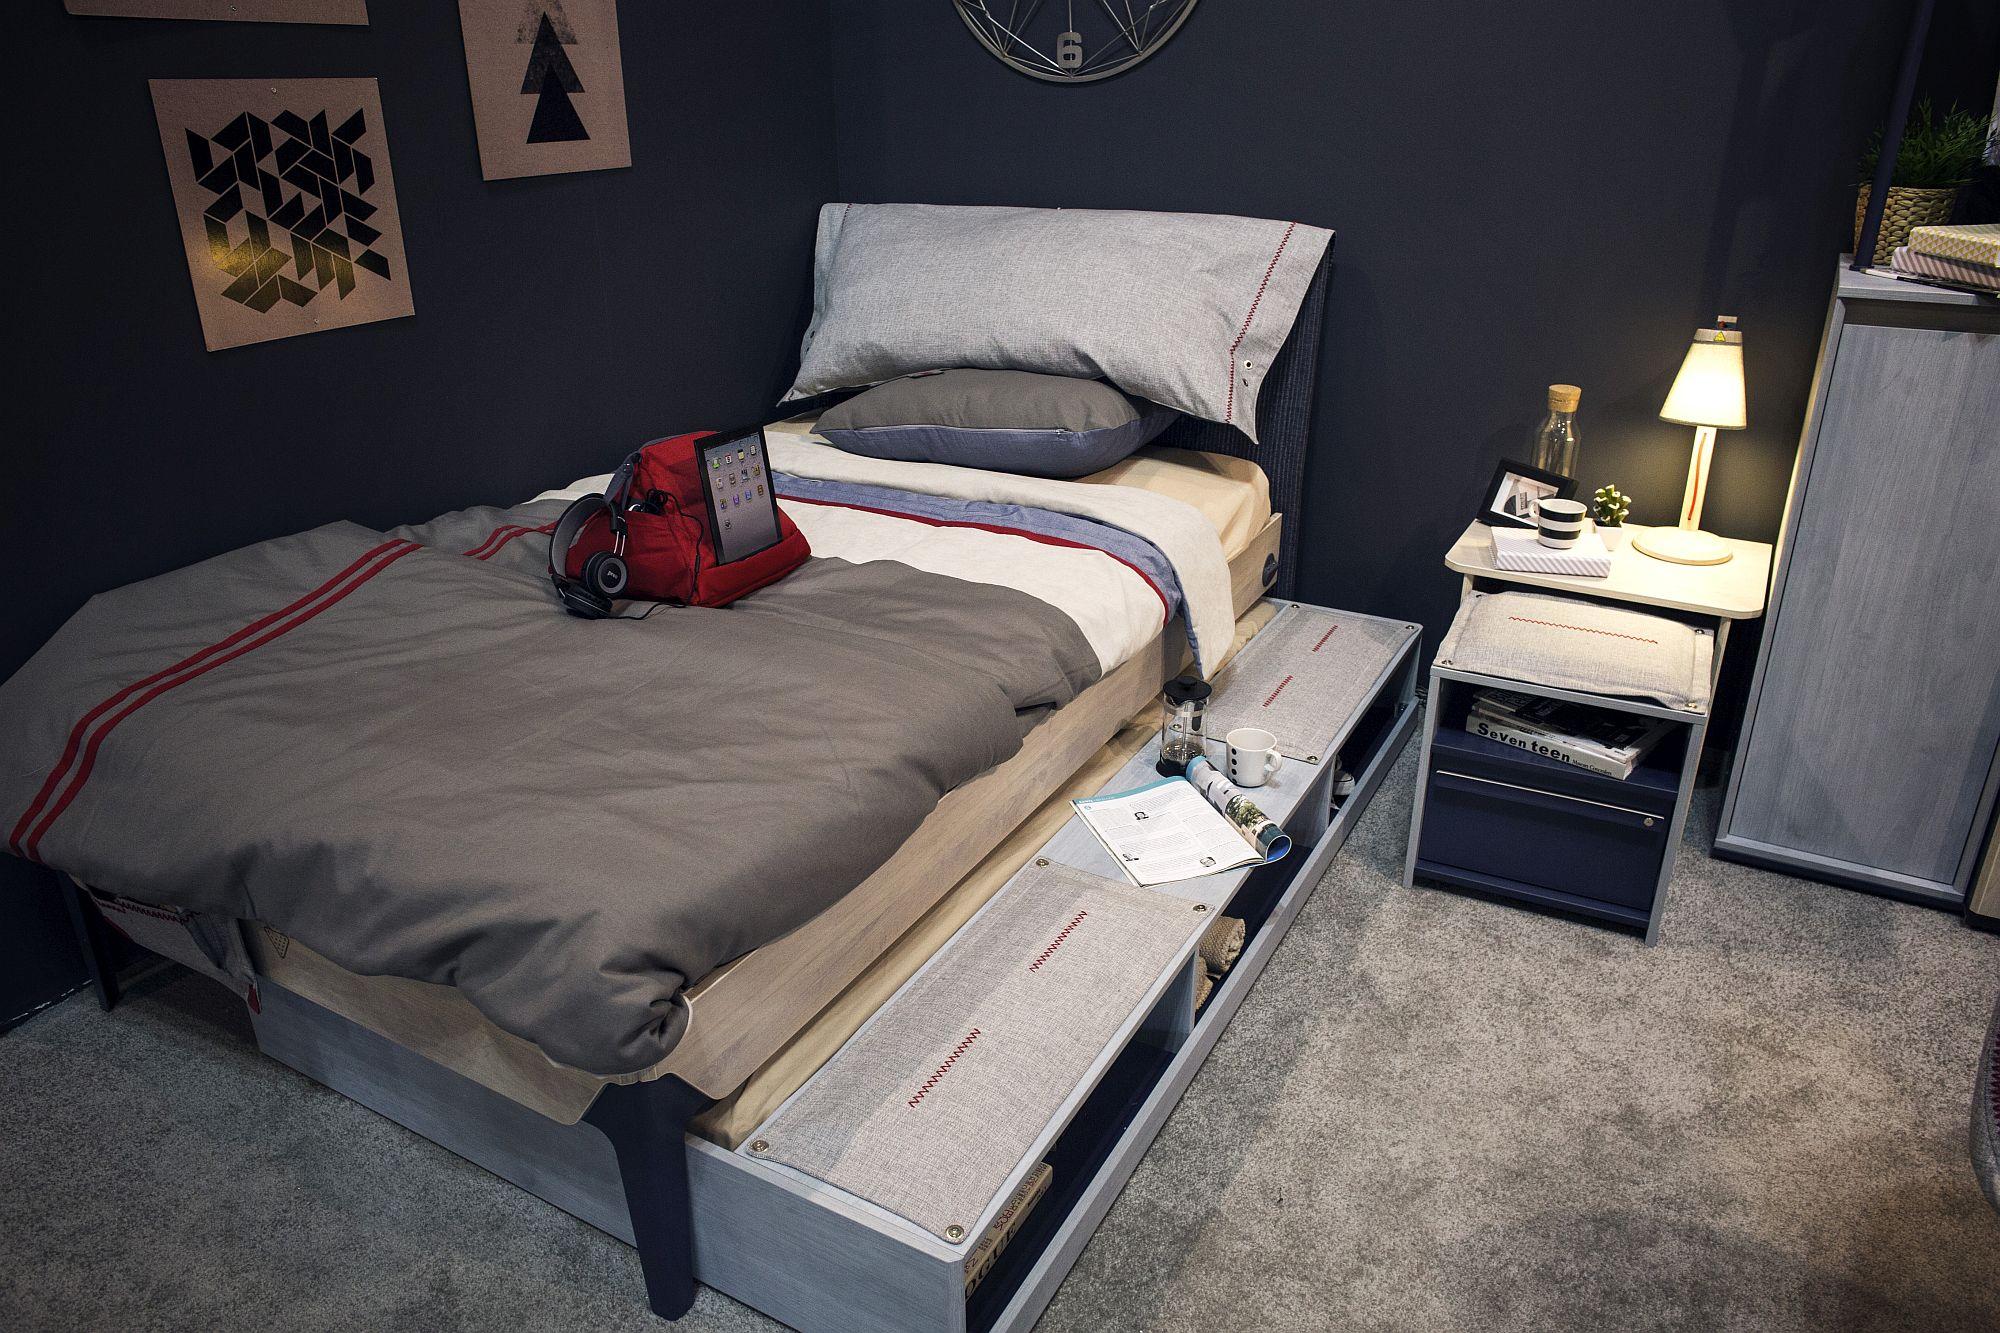 kicsi-szoba-alberlet1.jpg